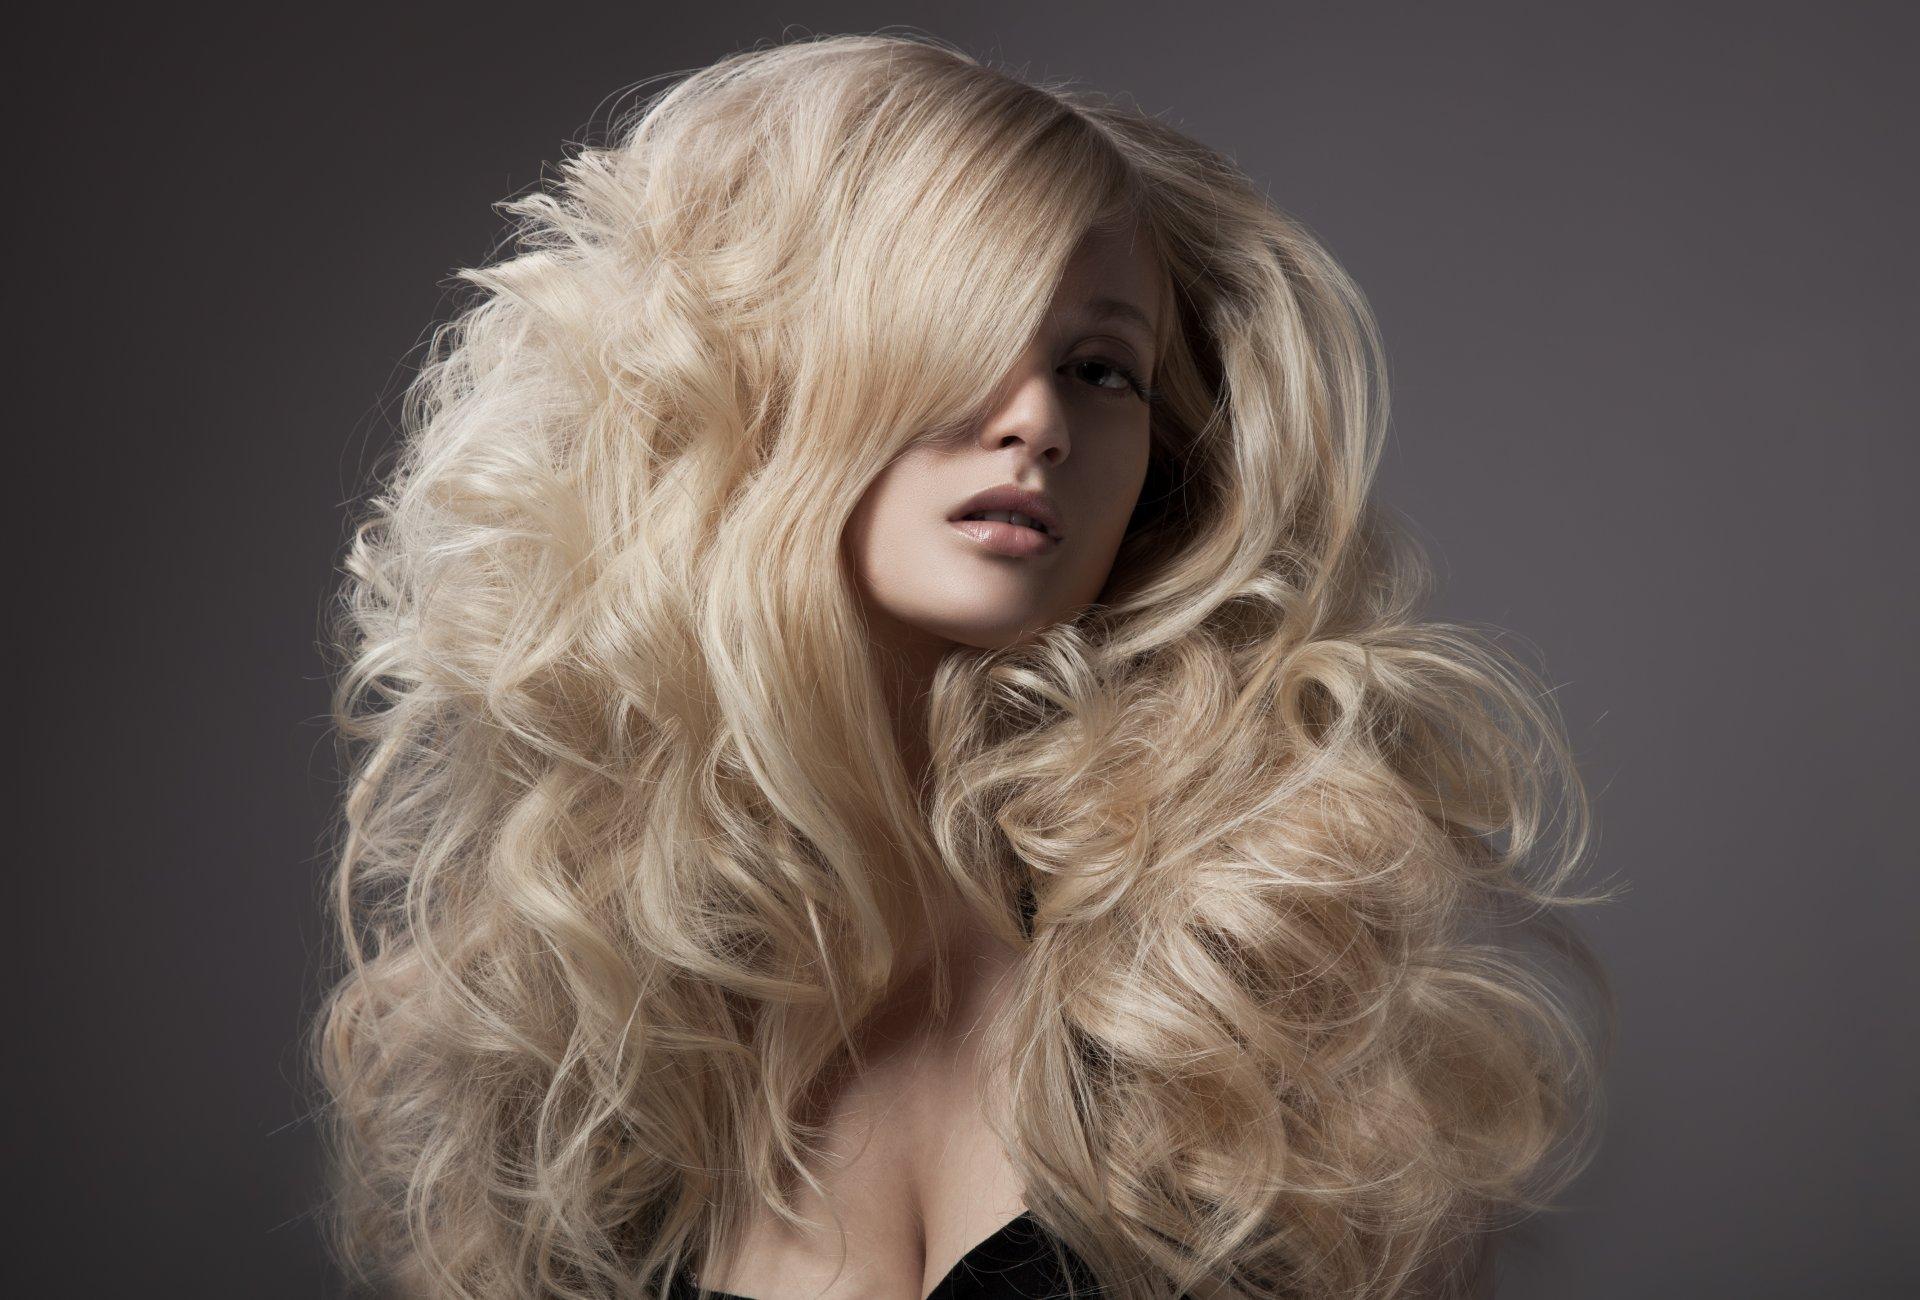 Фото кудрявая блондинка, Голая кудрявая блондинка В чулках 16 фотография